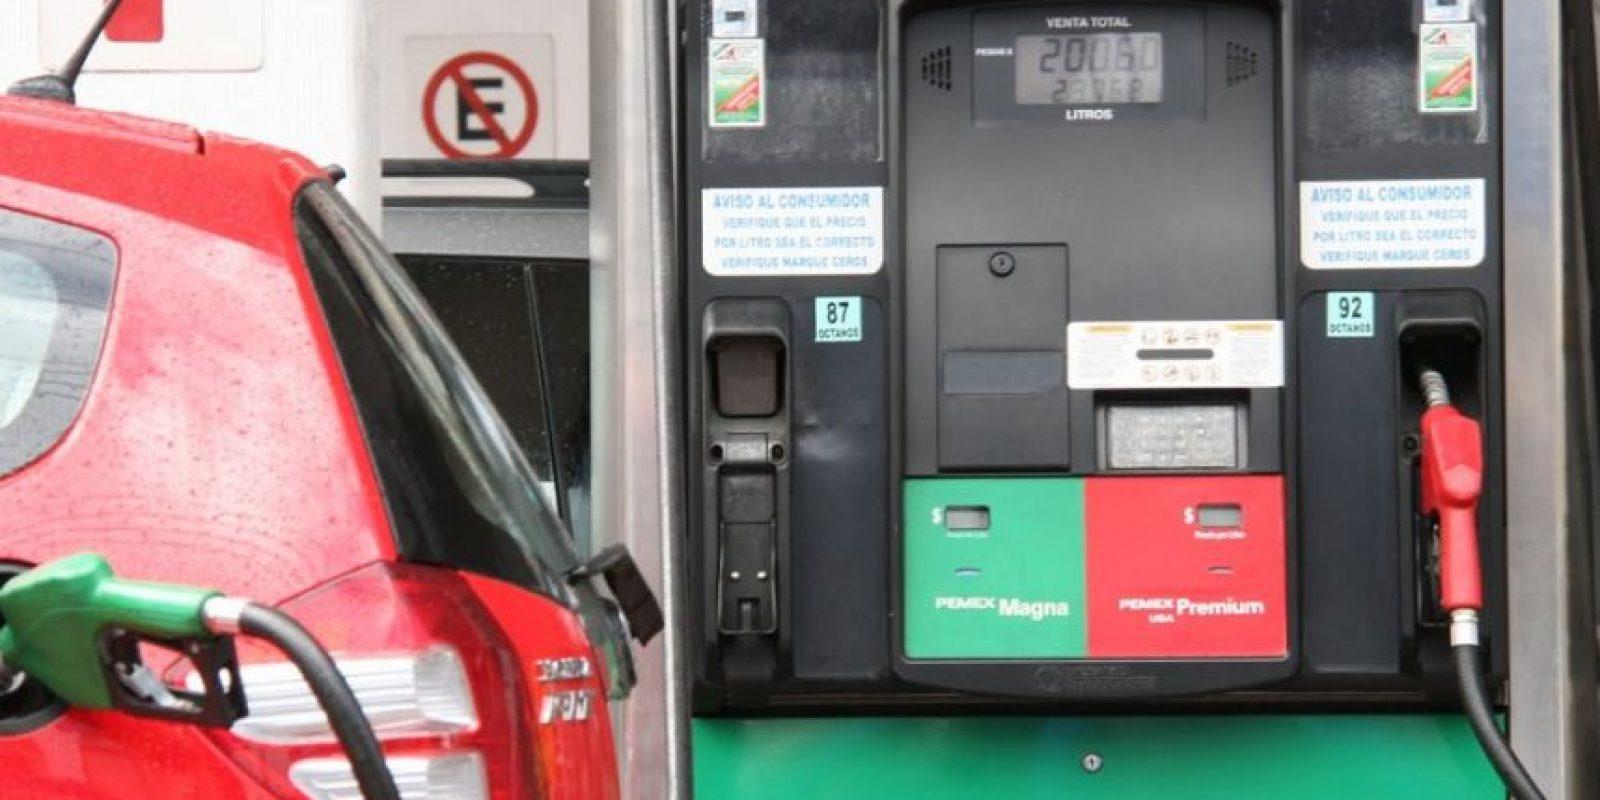 Aunque la posibilidad sea muy remota, existe un riesgo bajo de que se produzca, pero no por el combustible, sino por el gas que sale de la manguera. Foto:Tumblr